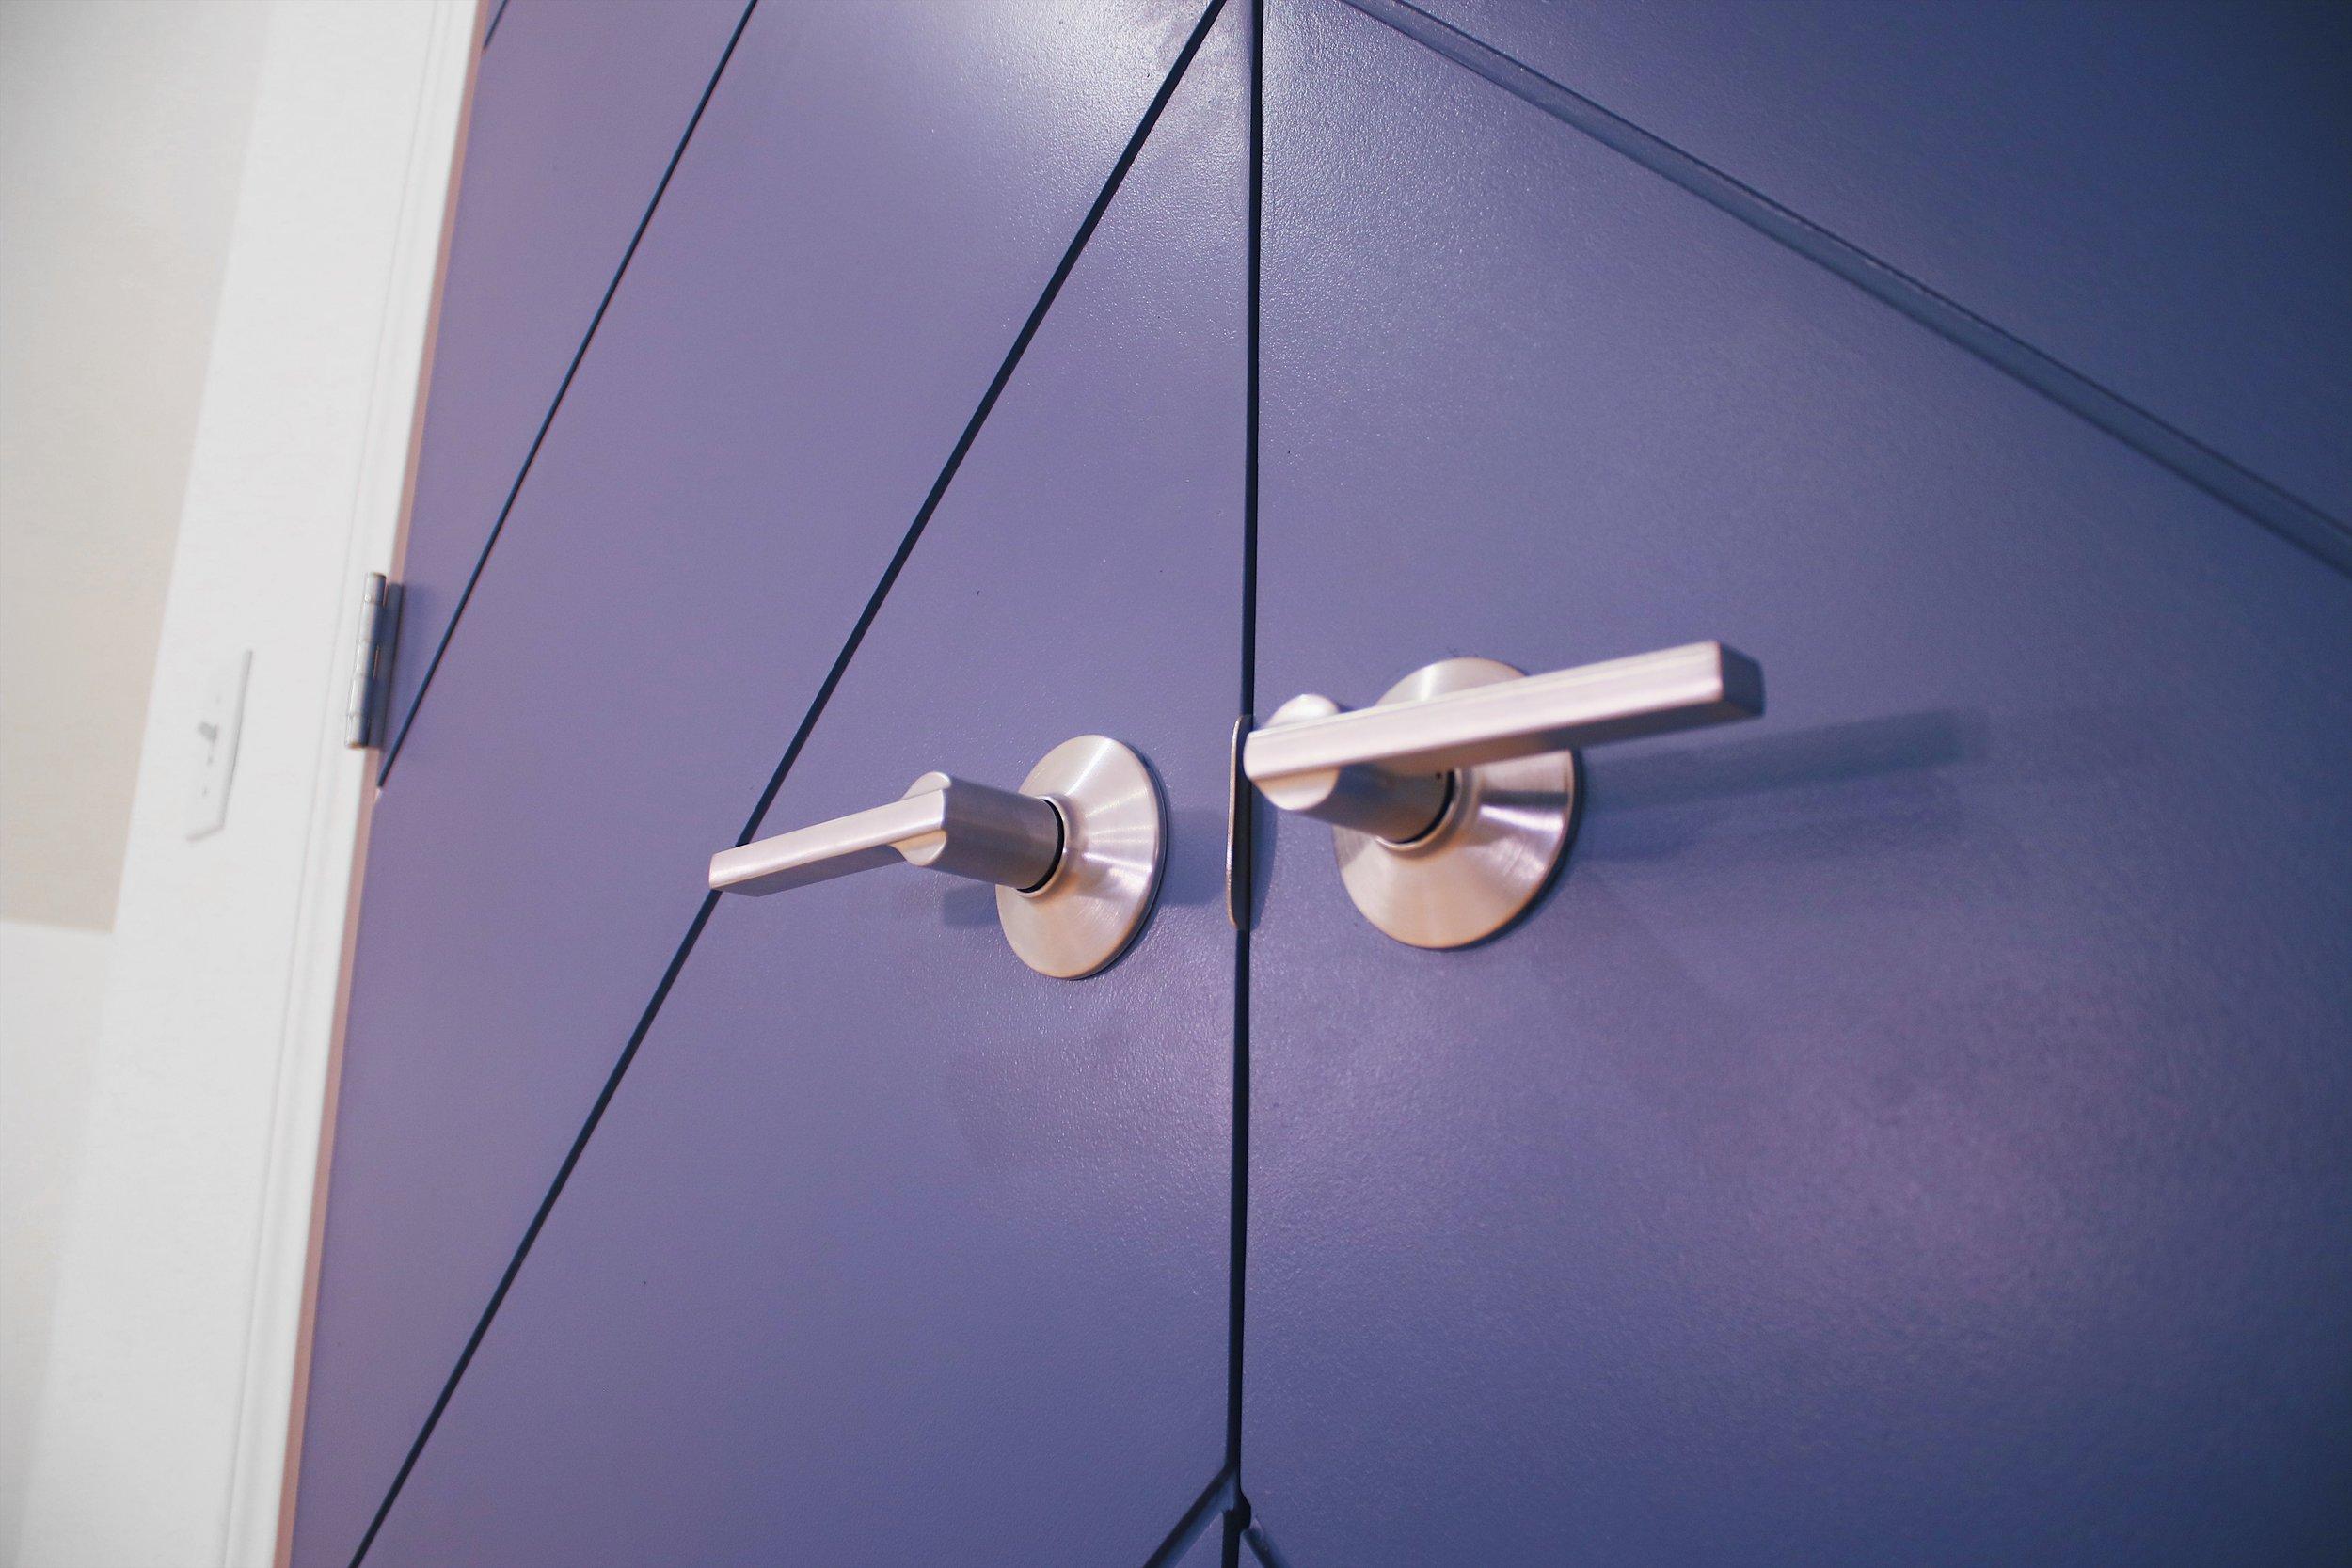 DIY CHEVRON DOOR UPDATE